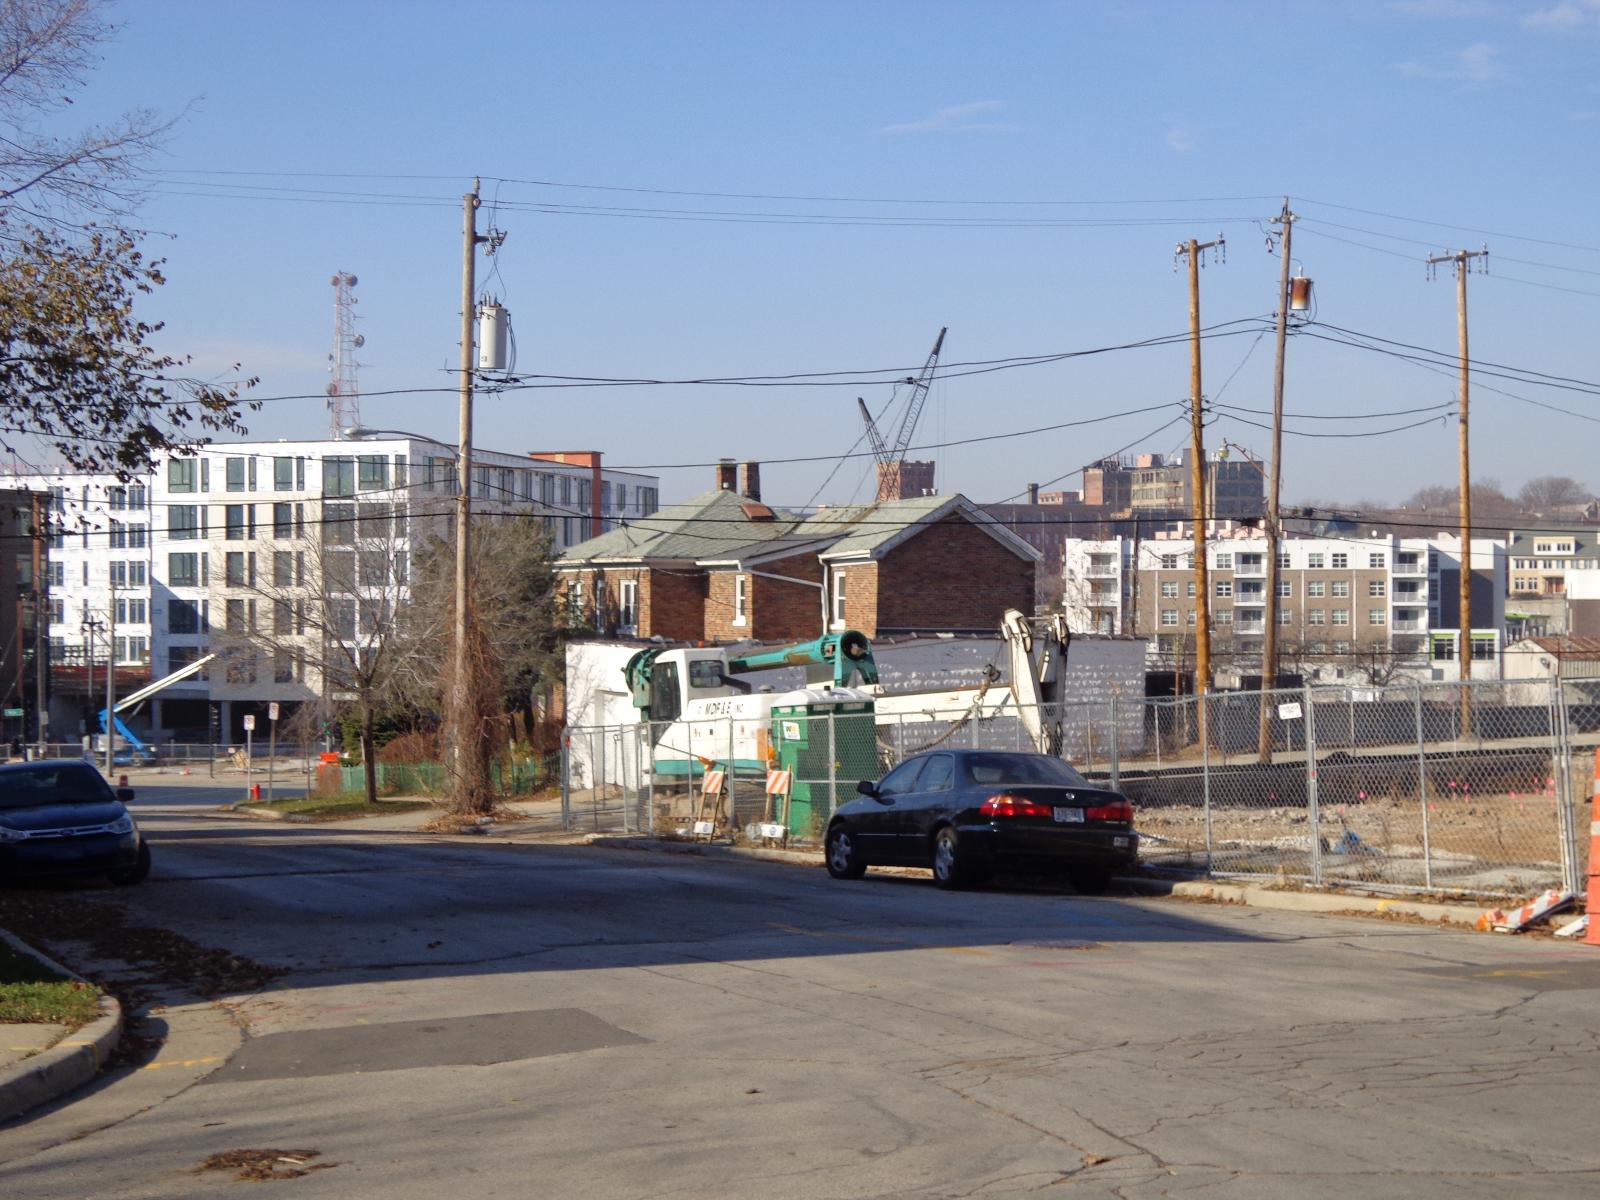 1601 N. Jackson St.